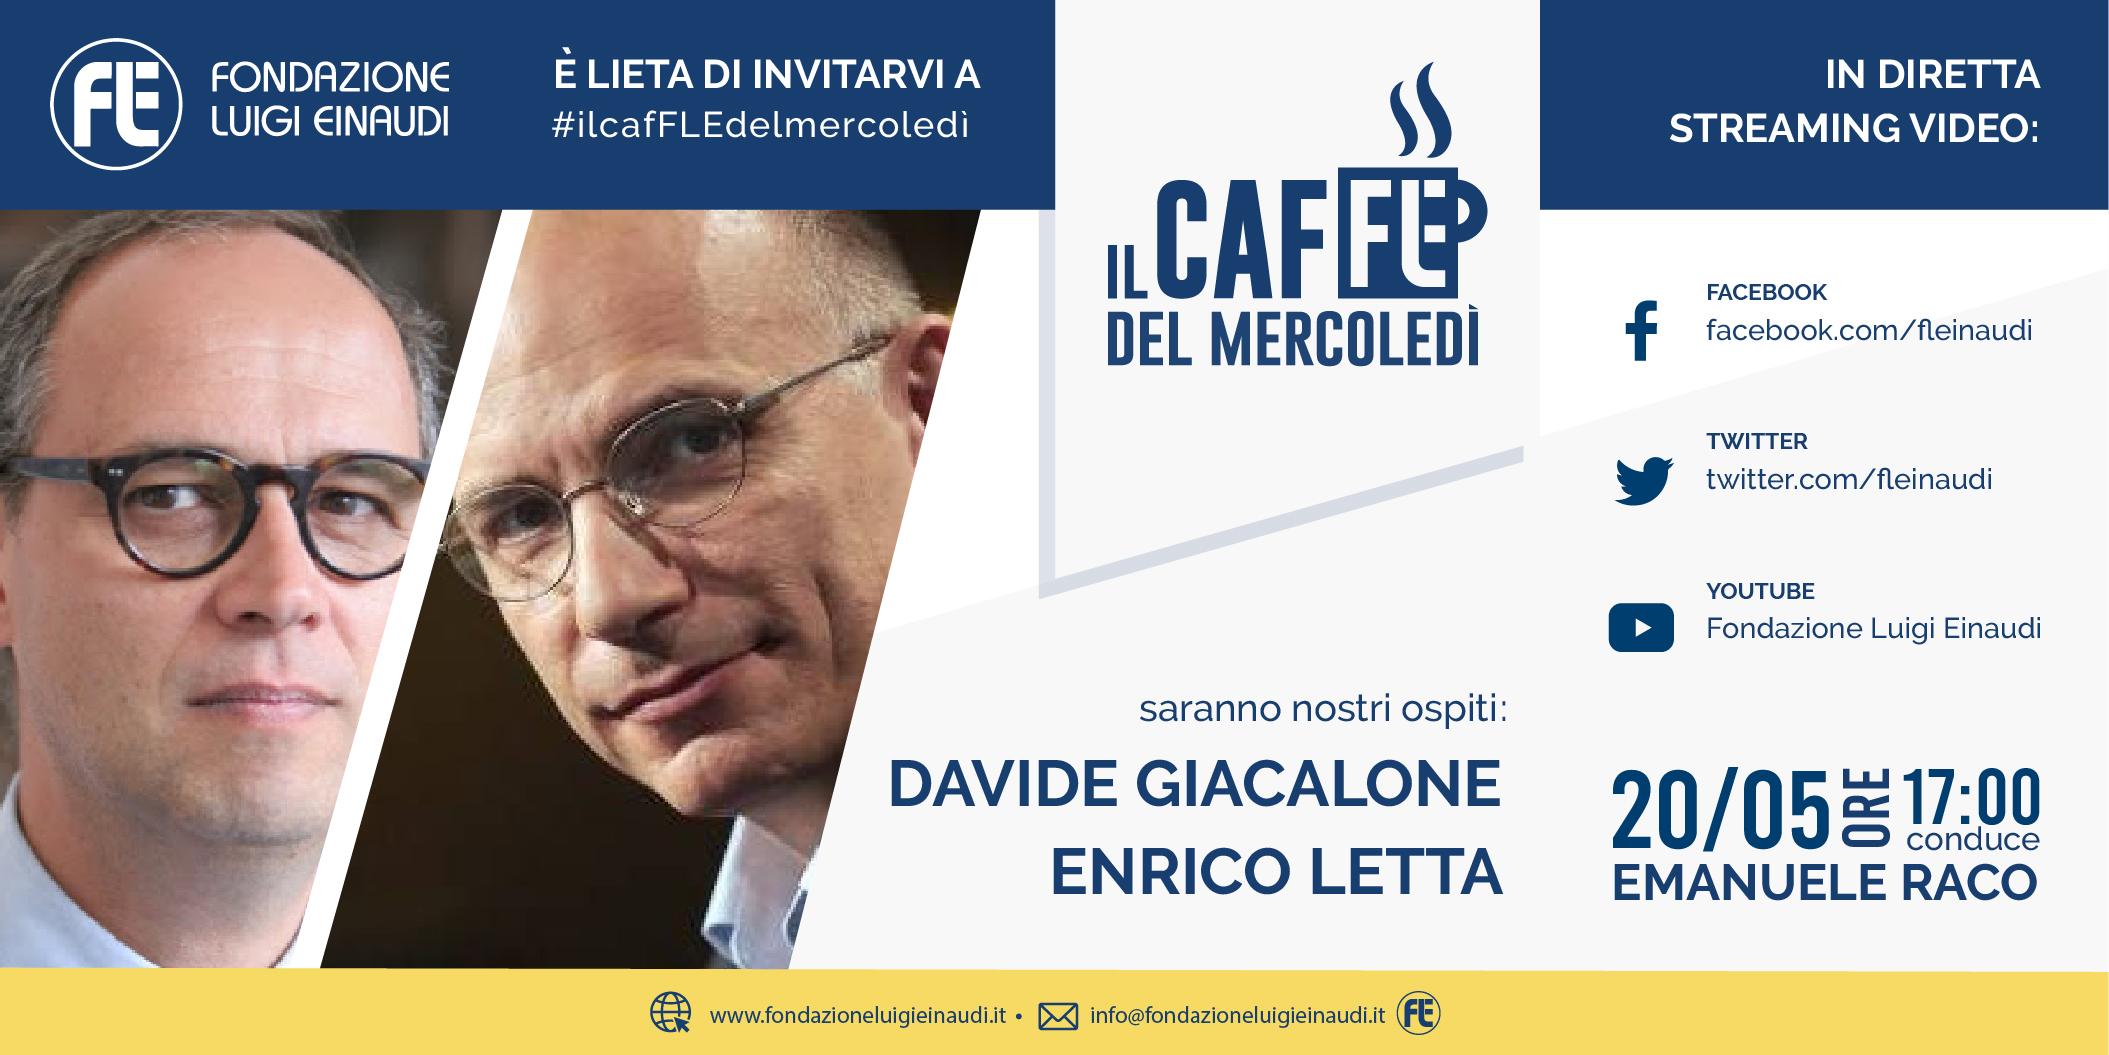 #ilcafFLEdelmercoledi – Davide Giacalone ed Enrico Letta